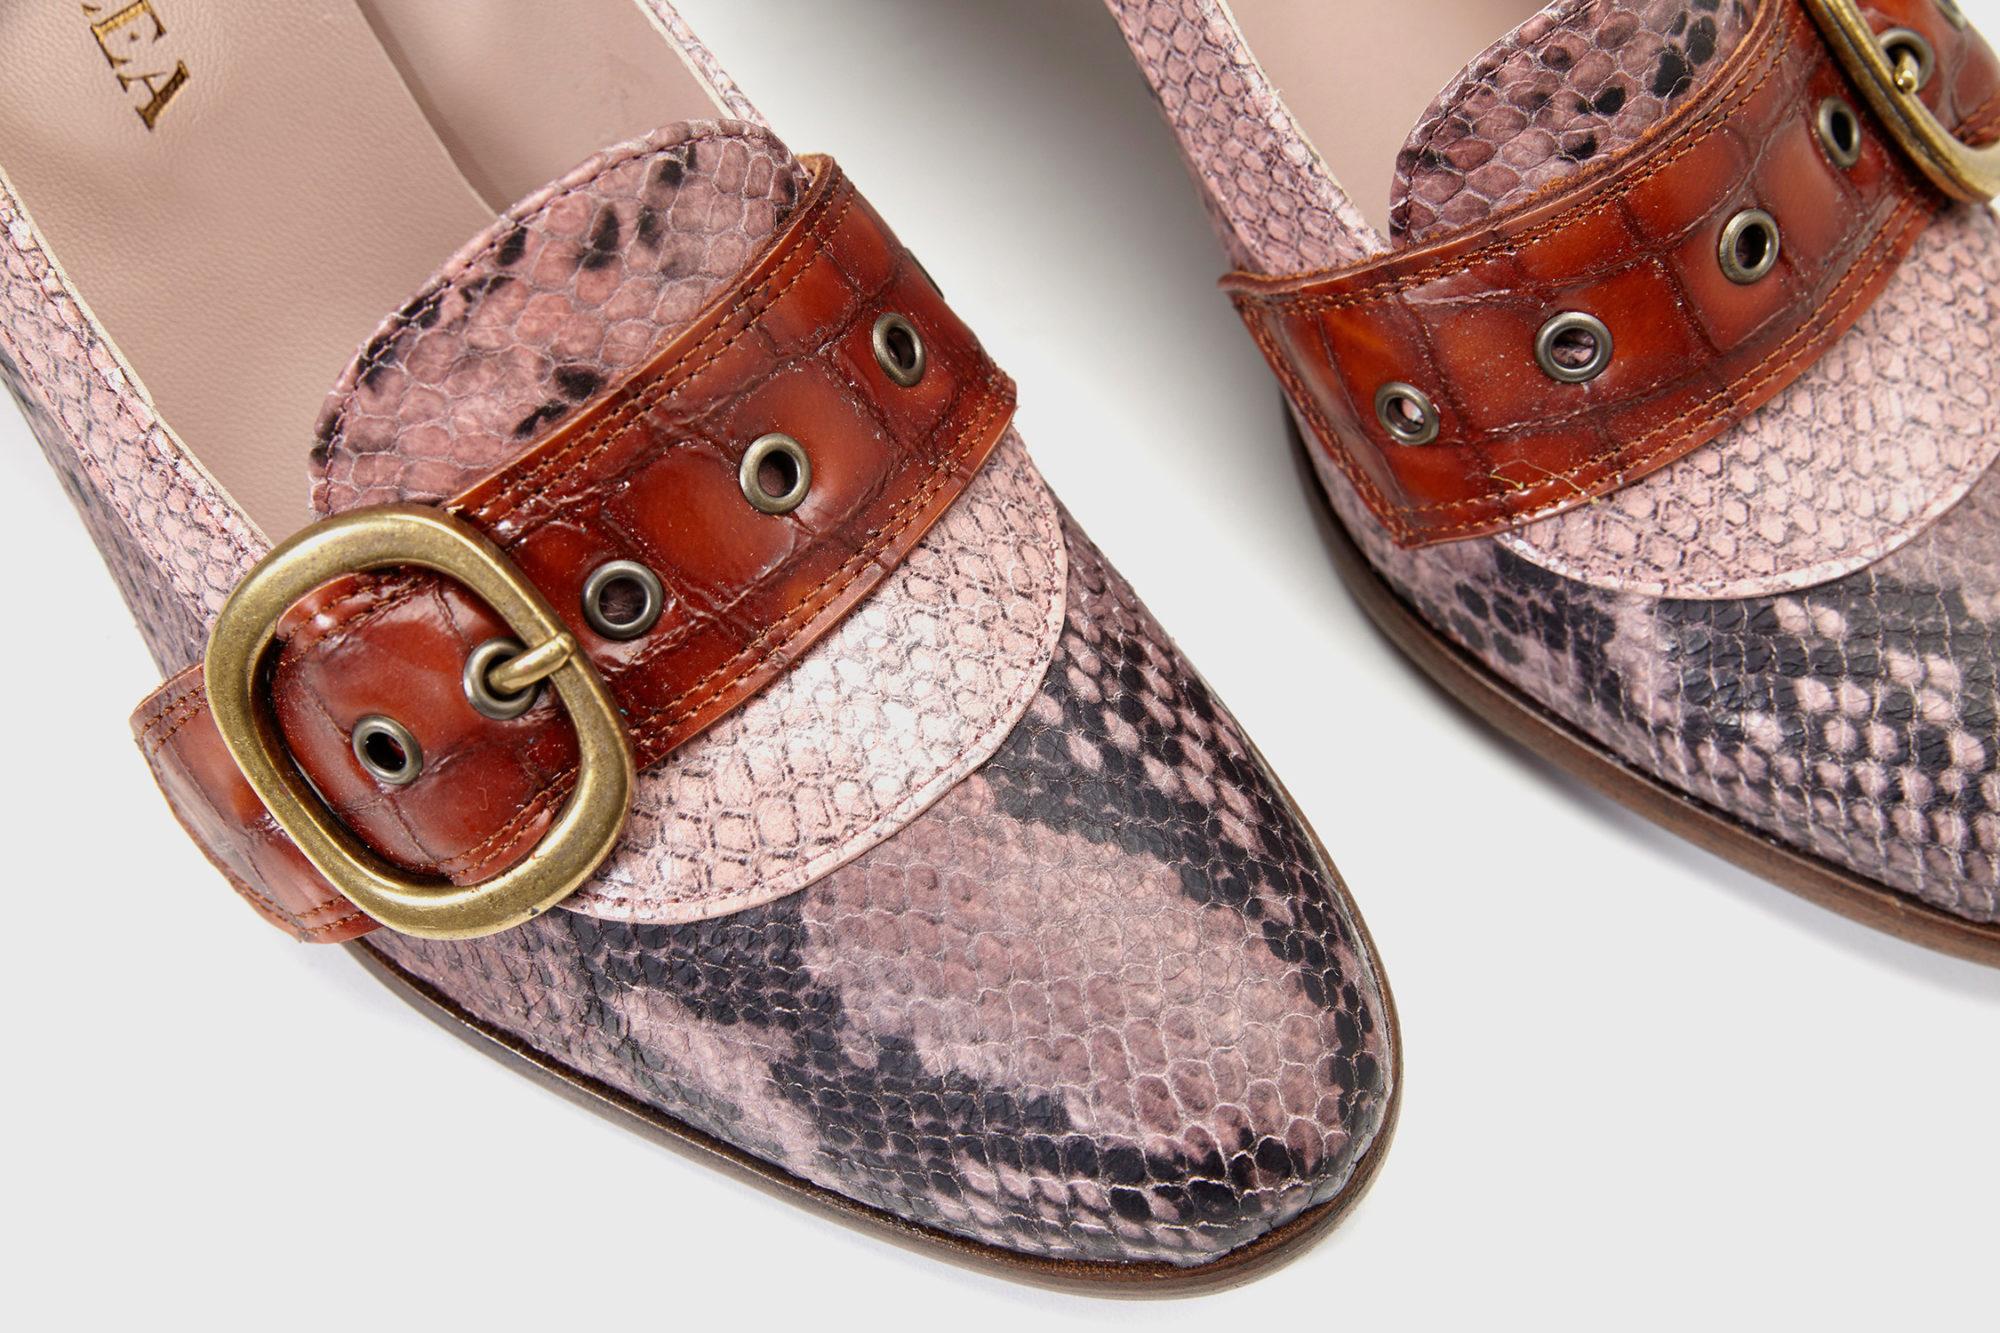 Dorotea zapato salon Juliette fw17 pitone rosa detalle